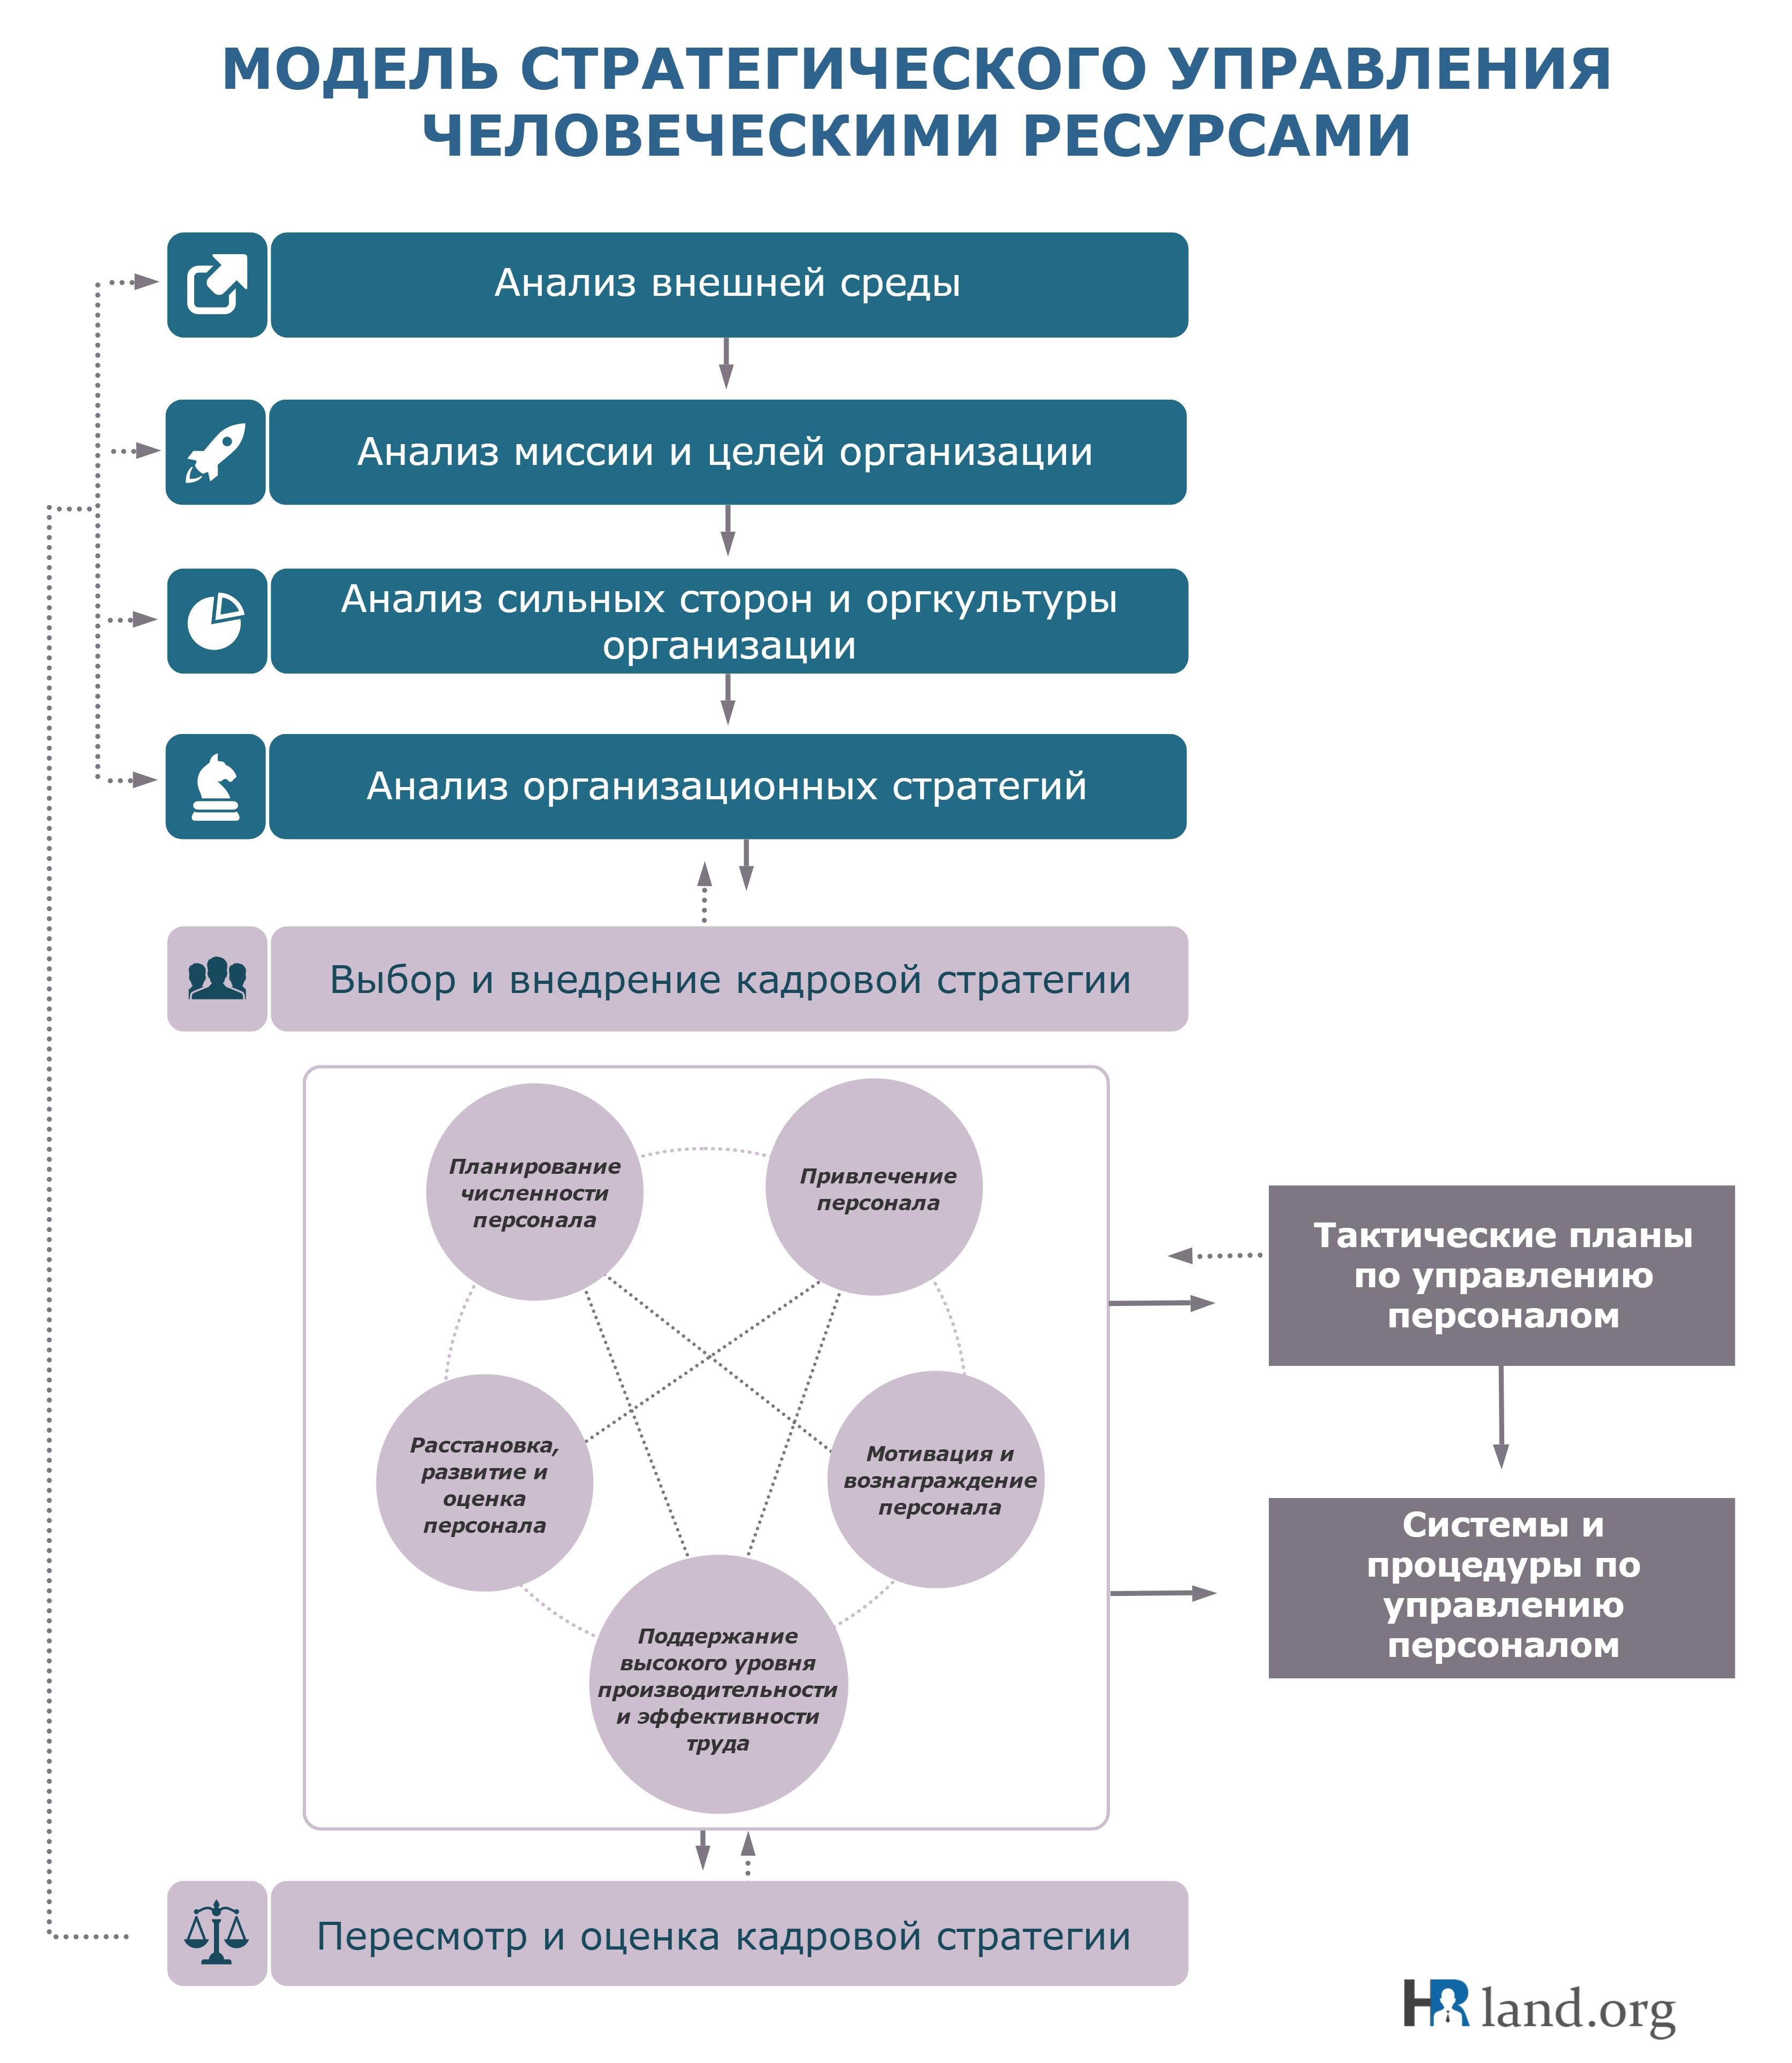 Модель стратегического управления человеческими ресурсами